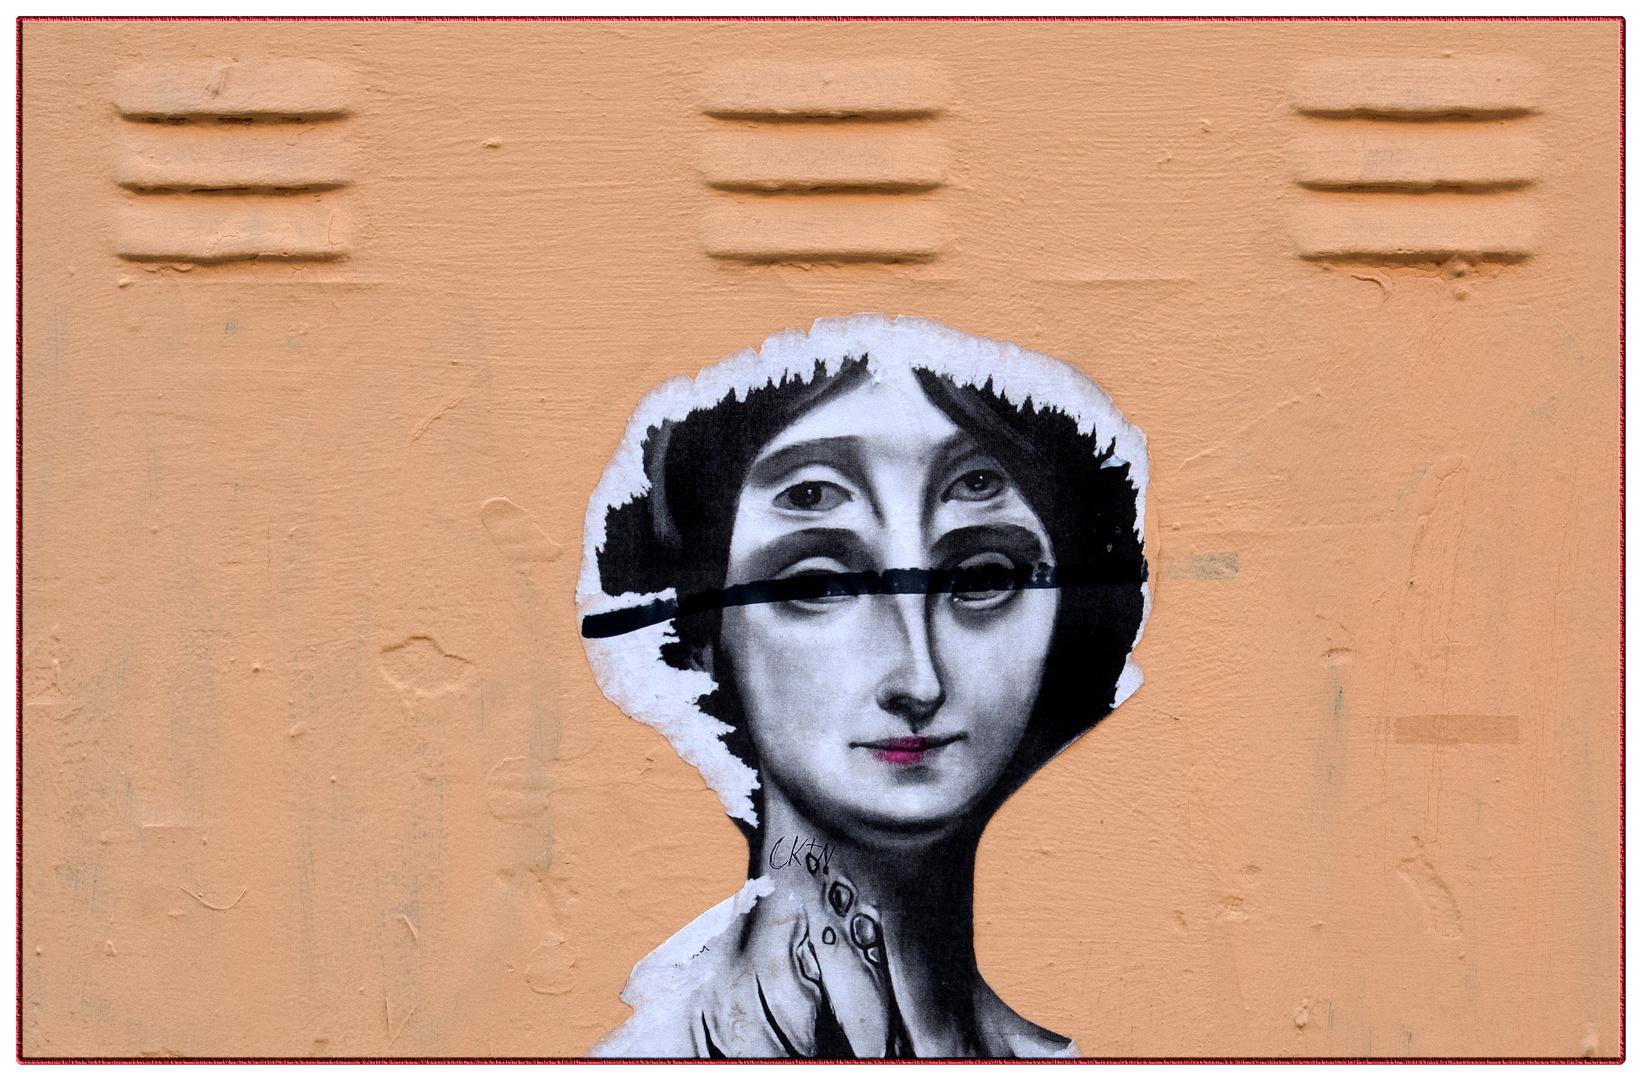 graffiti Valencia 2